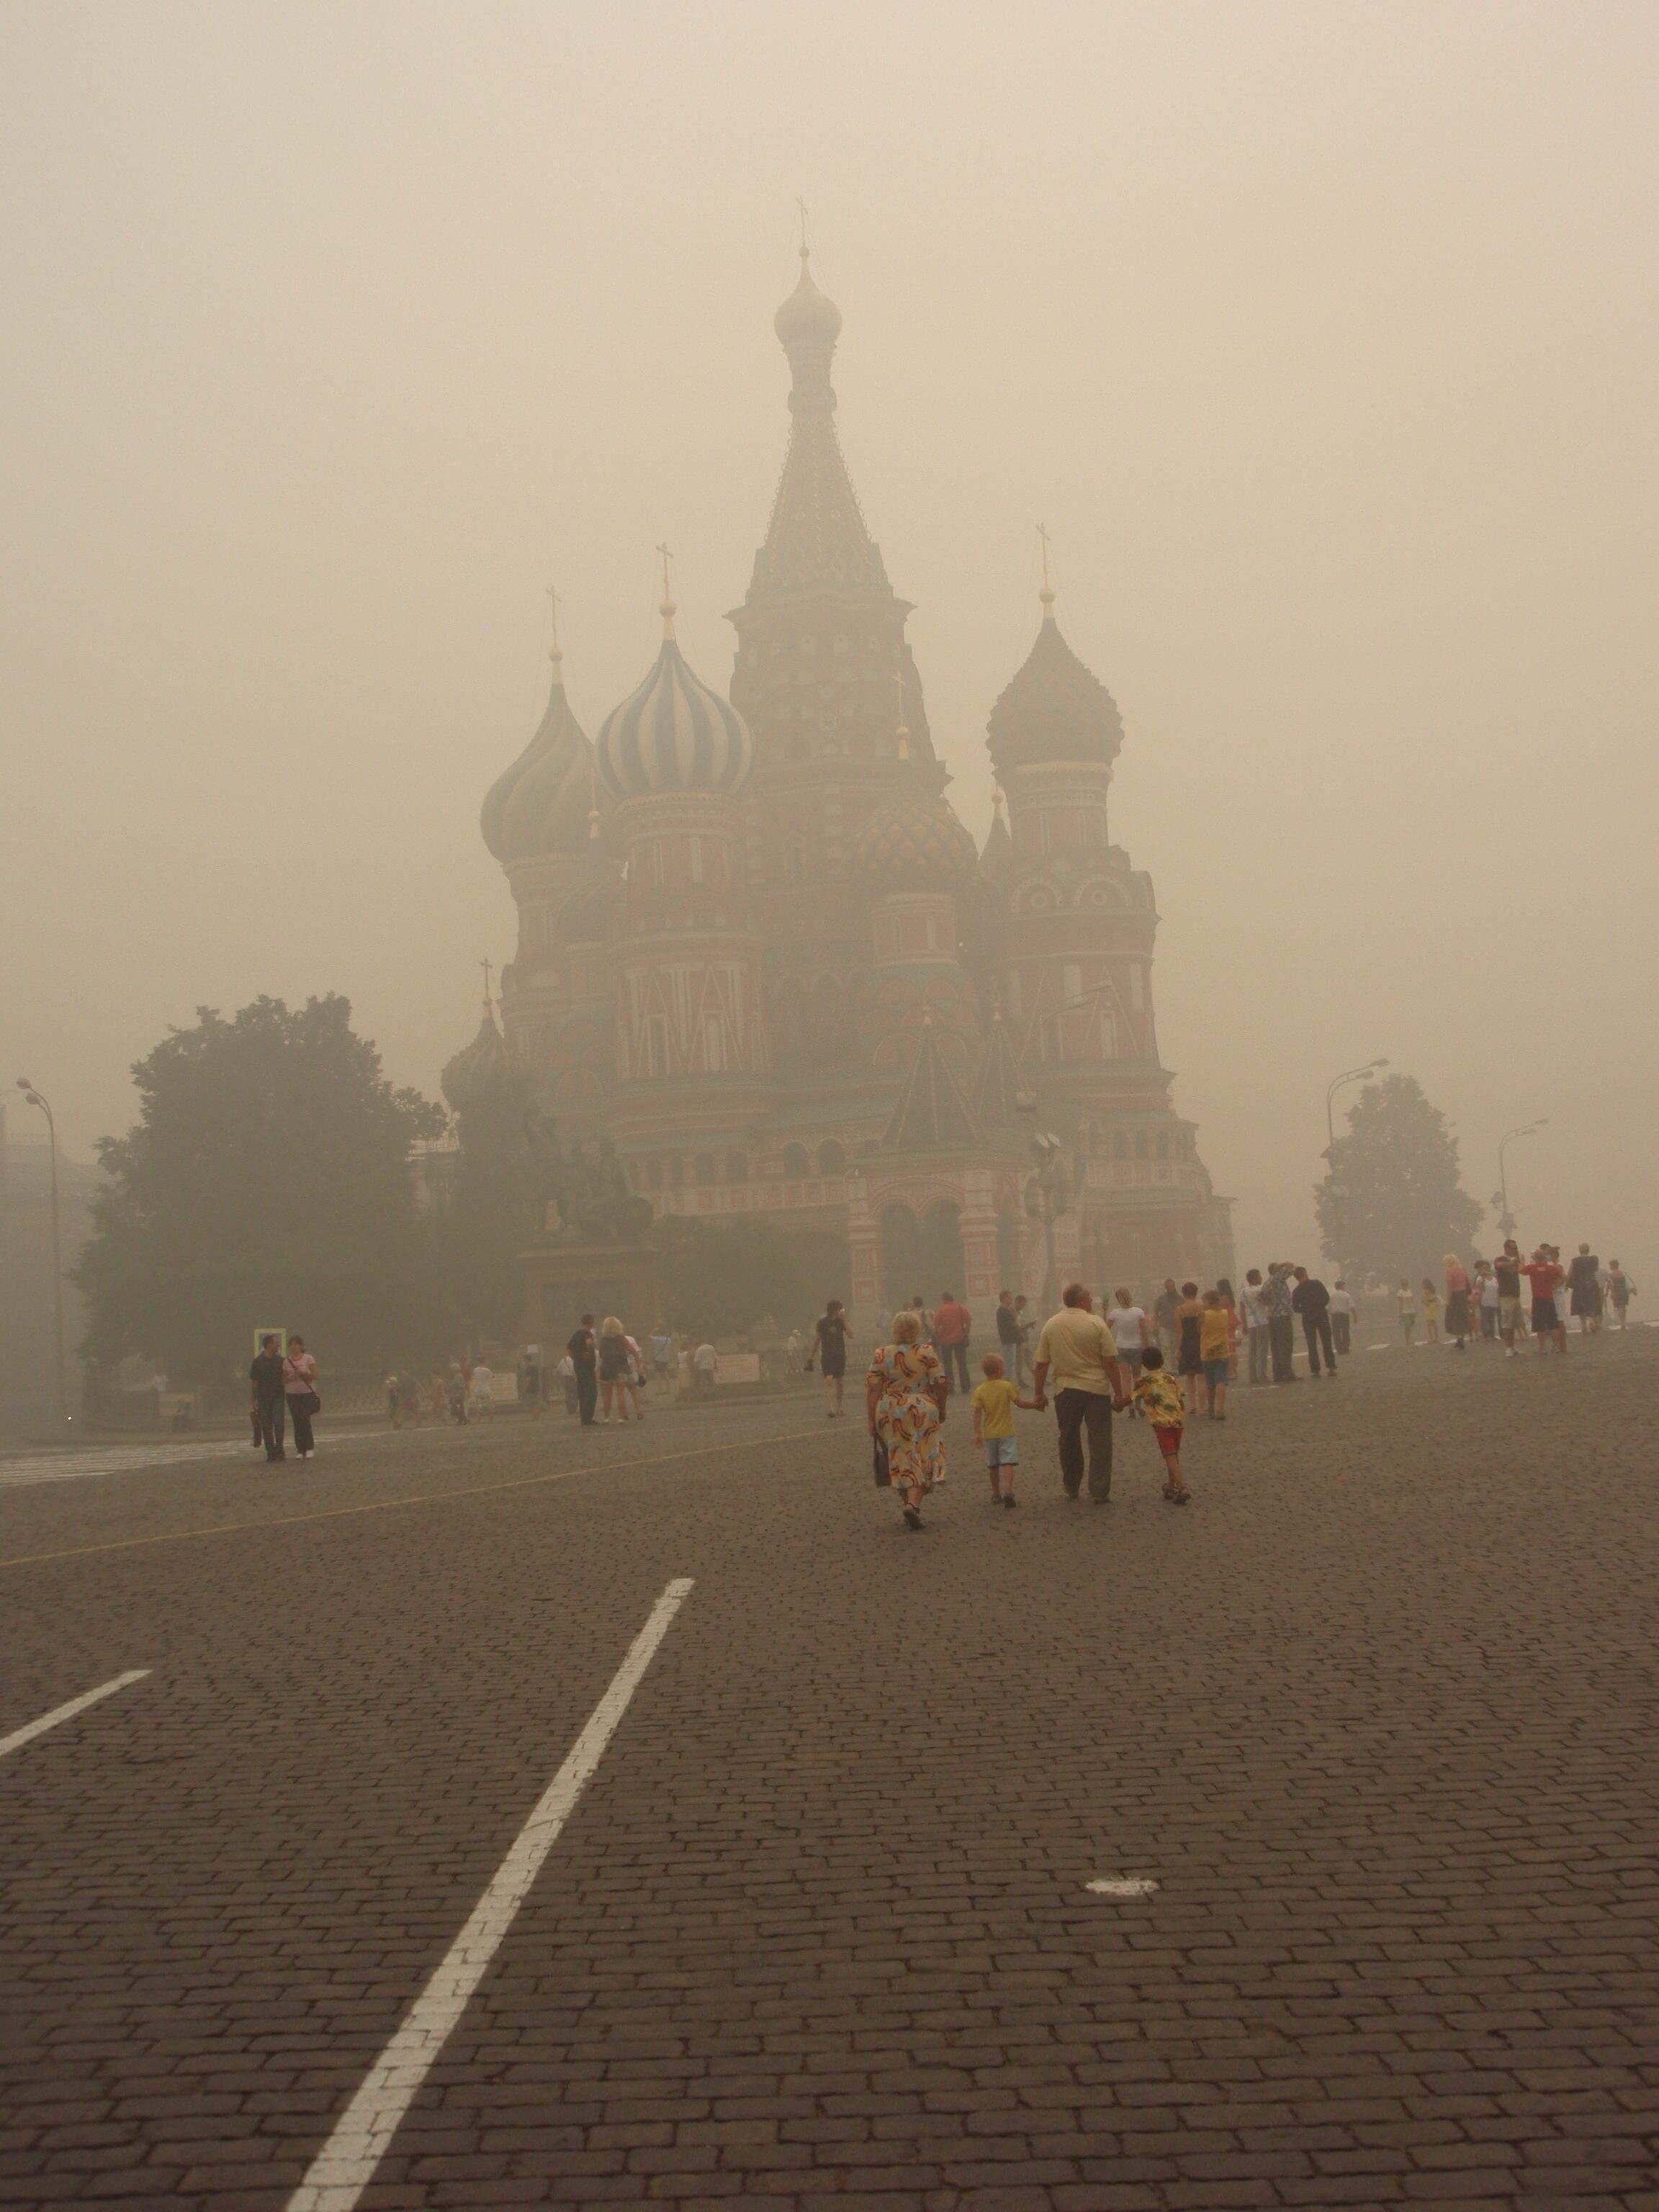 Fumaça provocada por incêndios cobre ruas de Moscou.